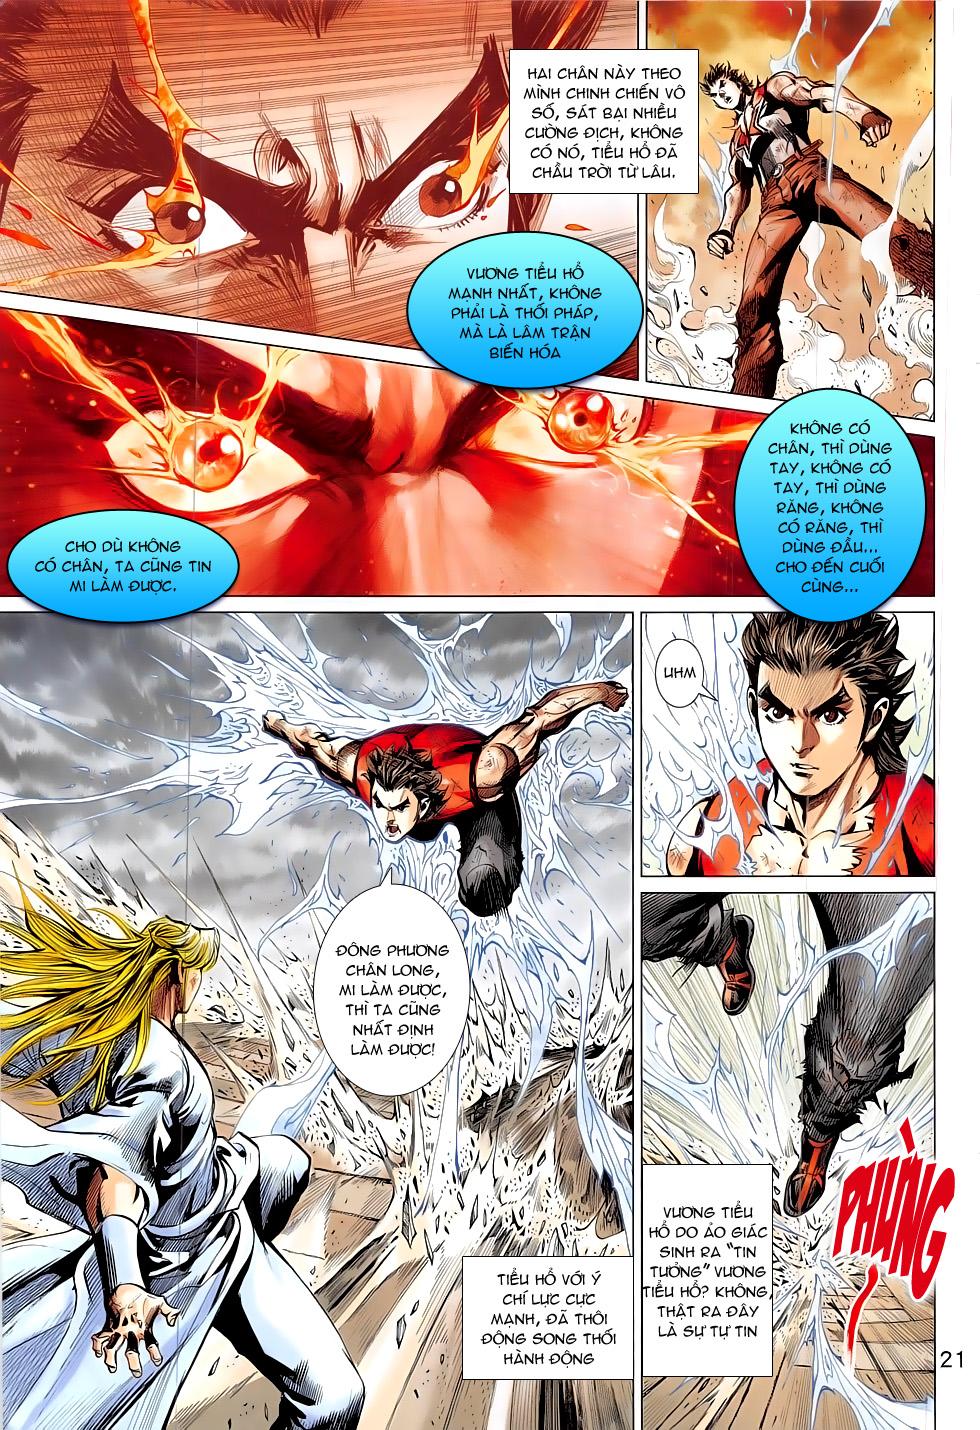 Đông Phương Chân Long chap 65 - Trang 21